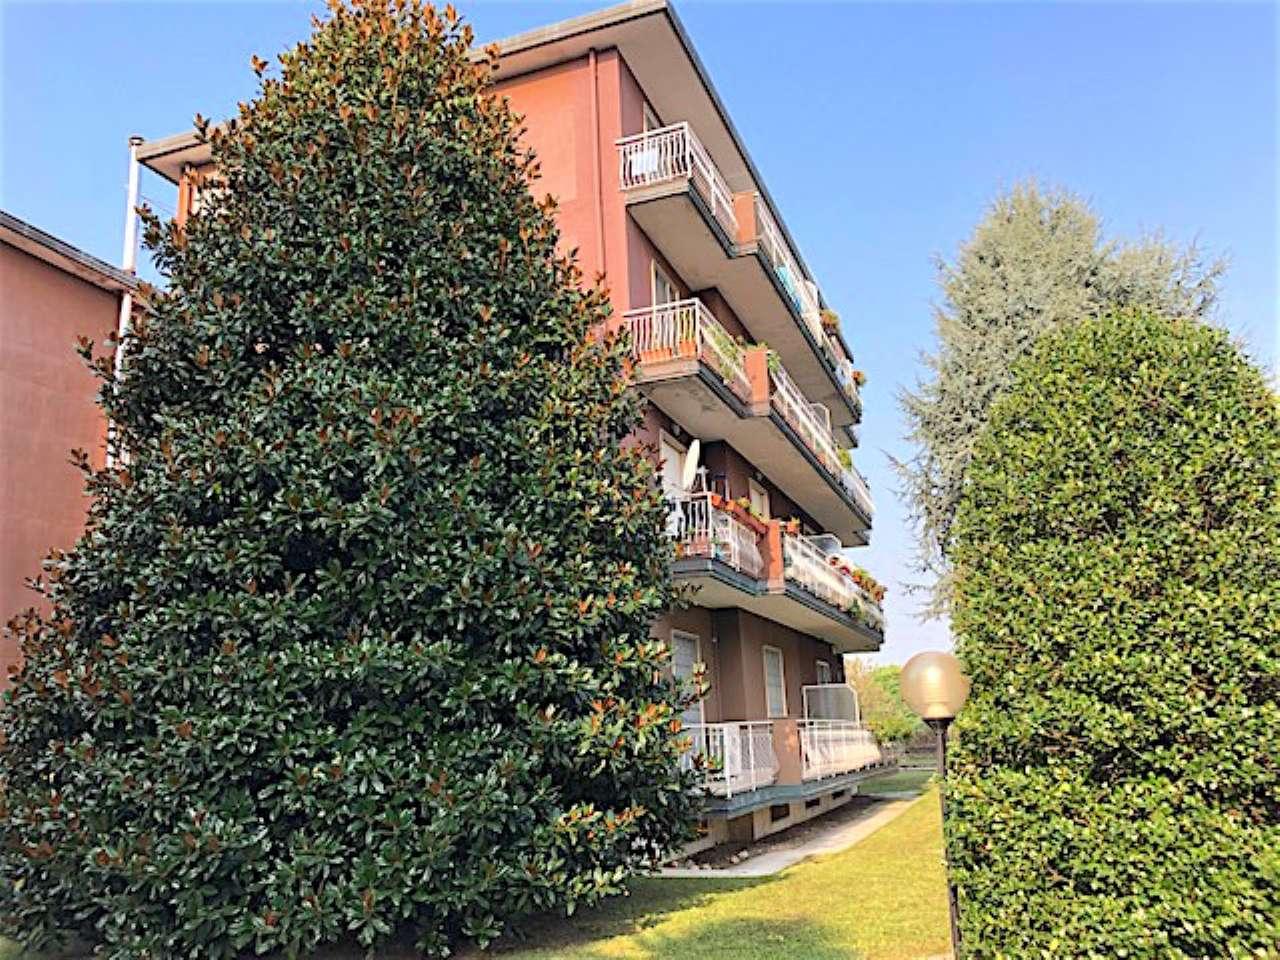 Appartamento ristrutturato in vendita Rif. 7993714